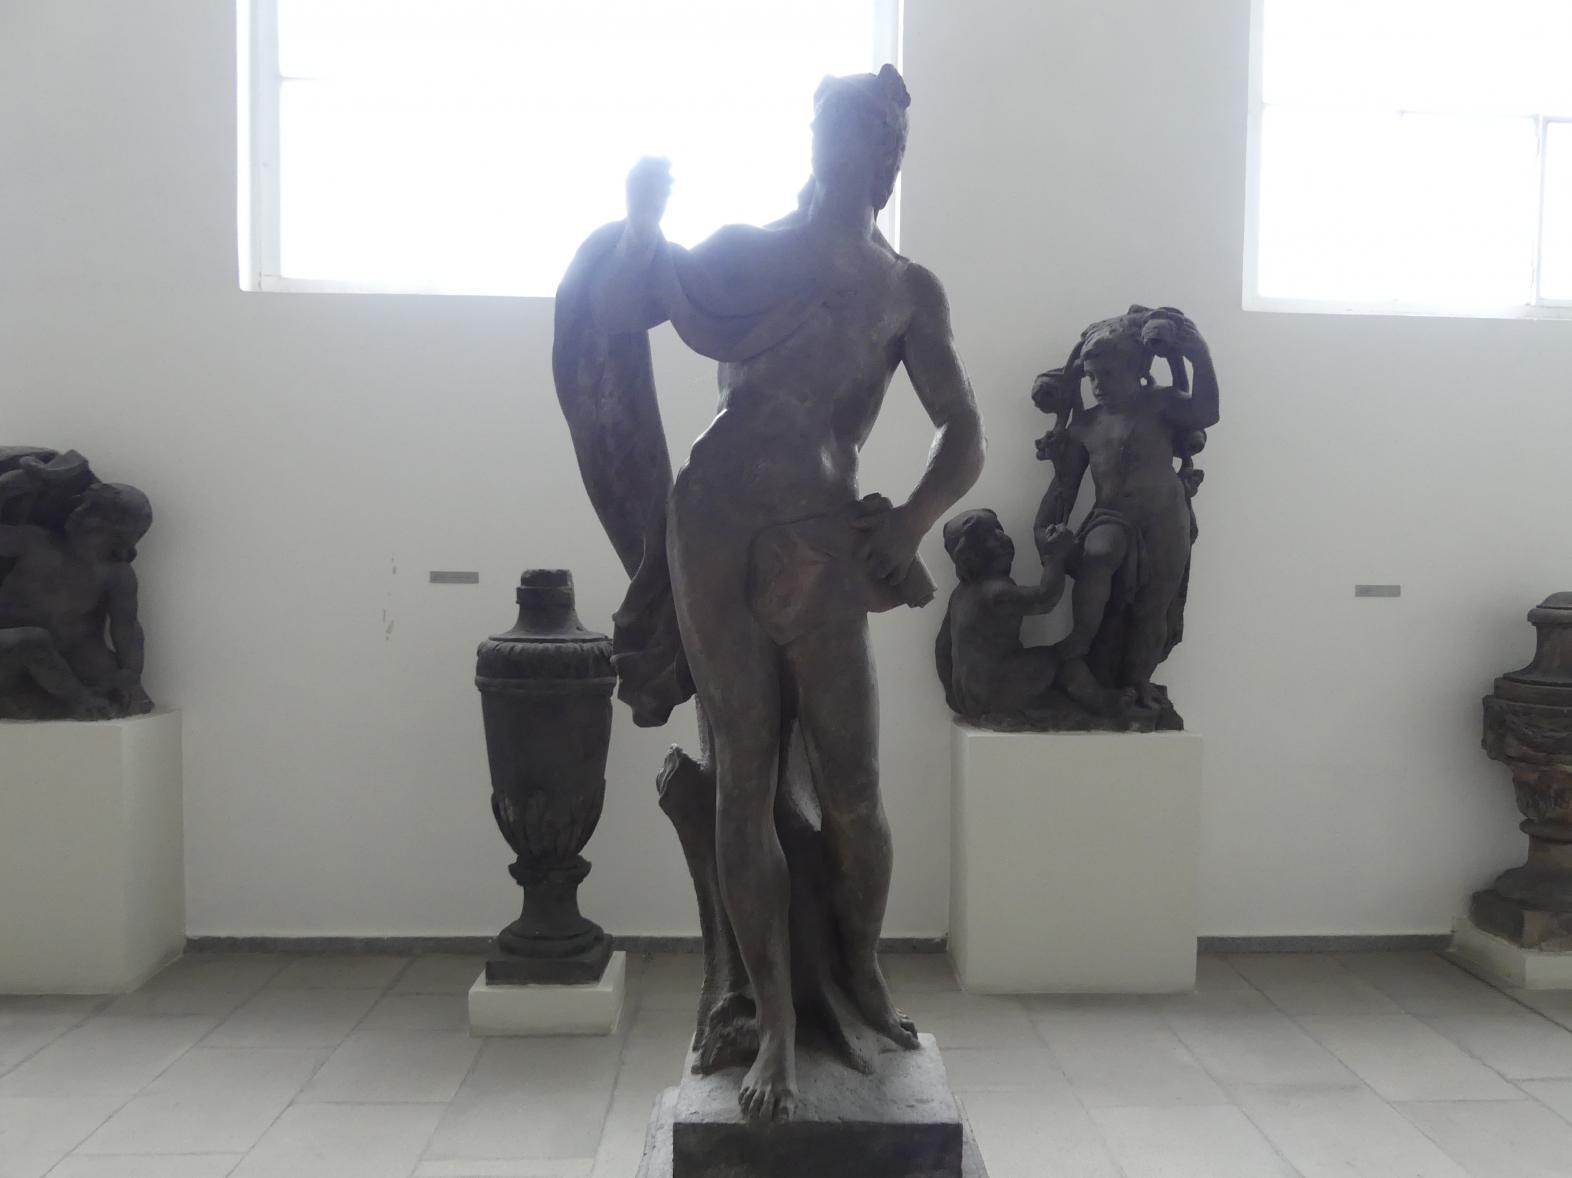 Merkur (römischer Gott), 2. Hälfte 18. Jhd.